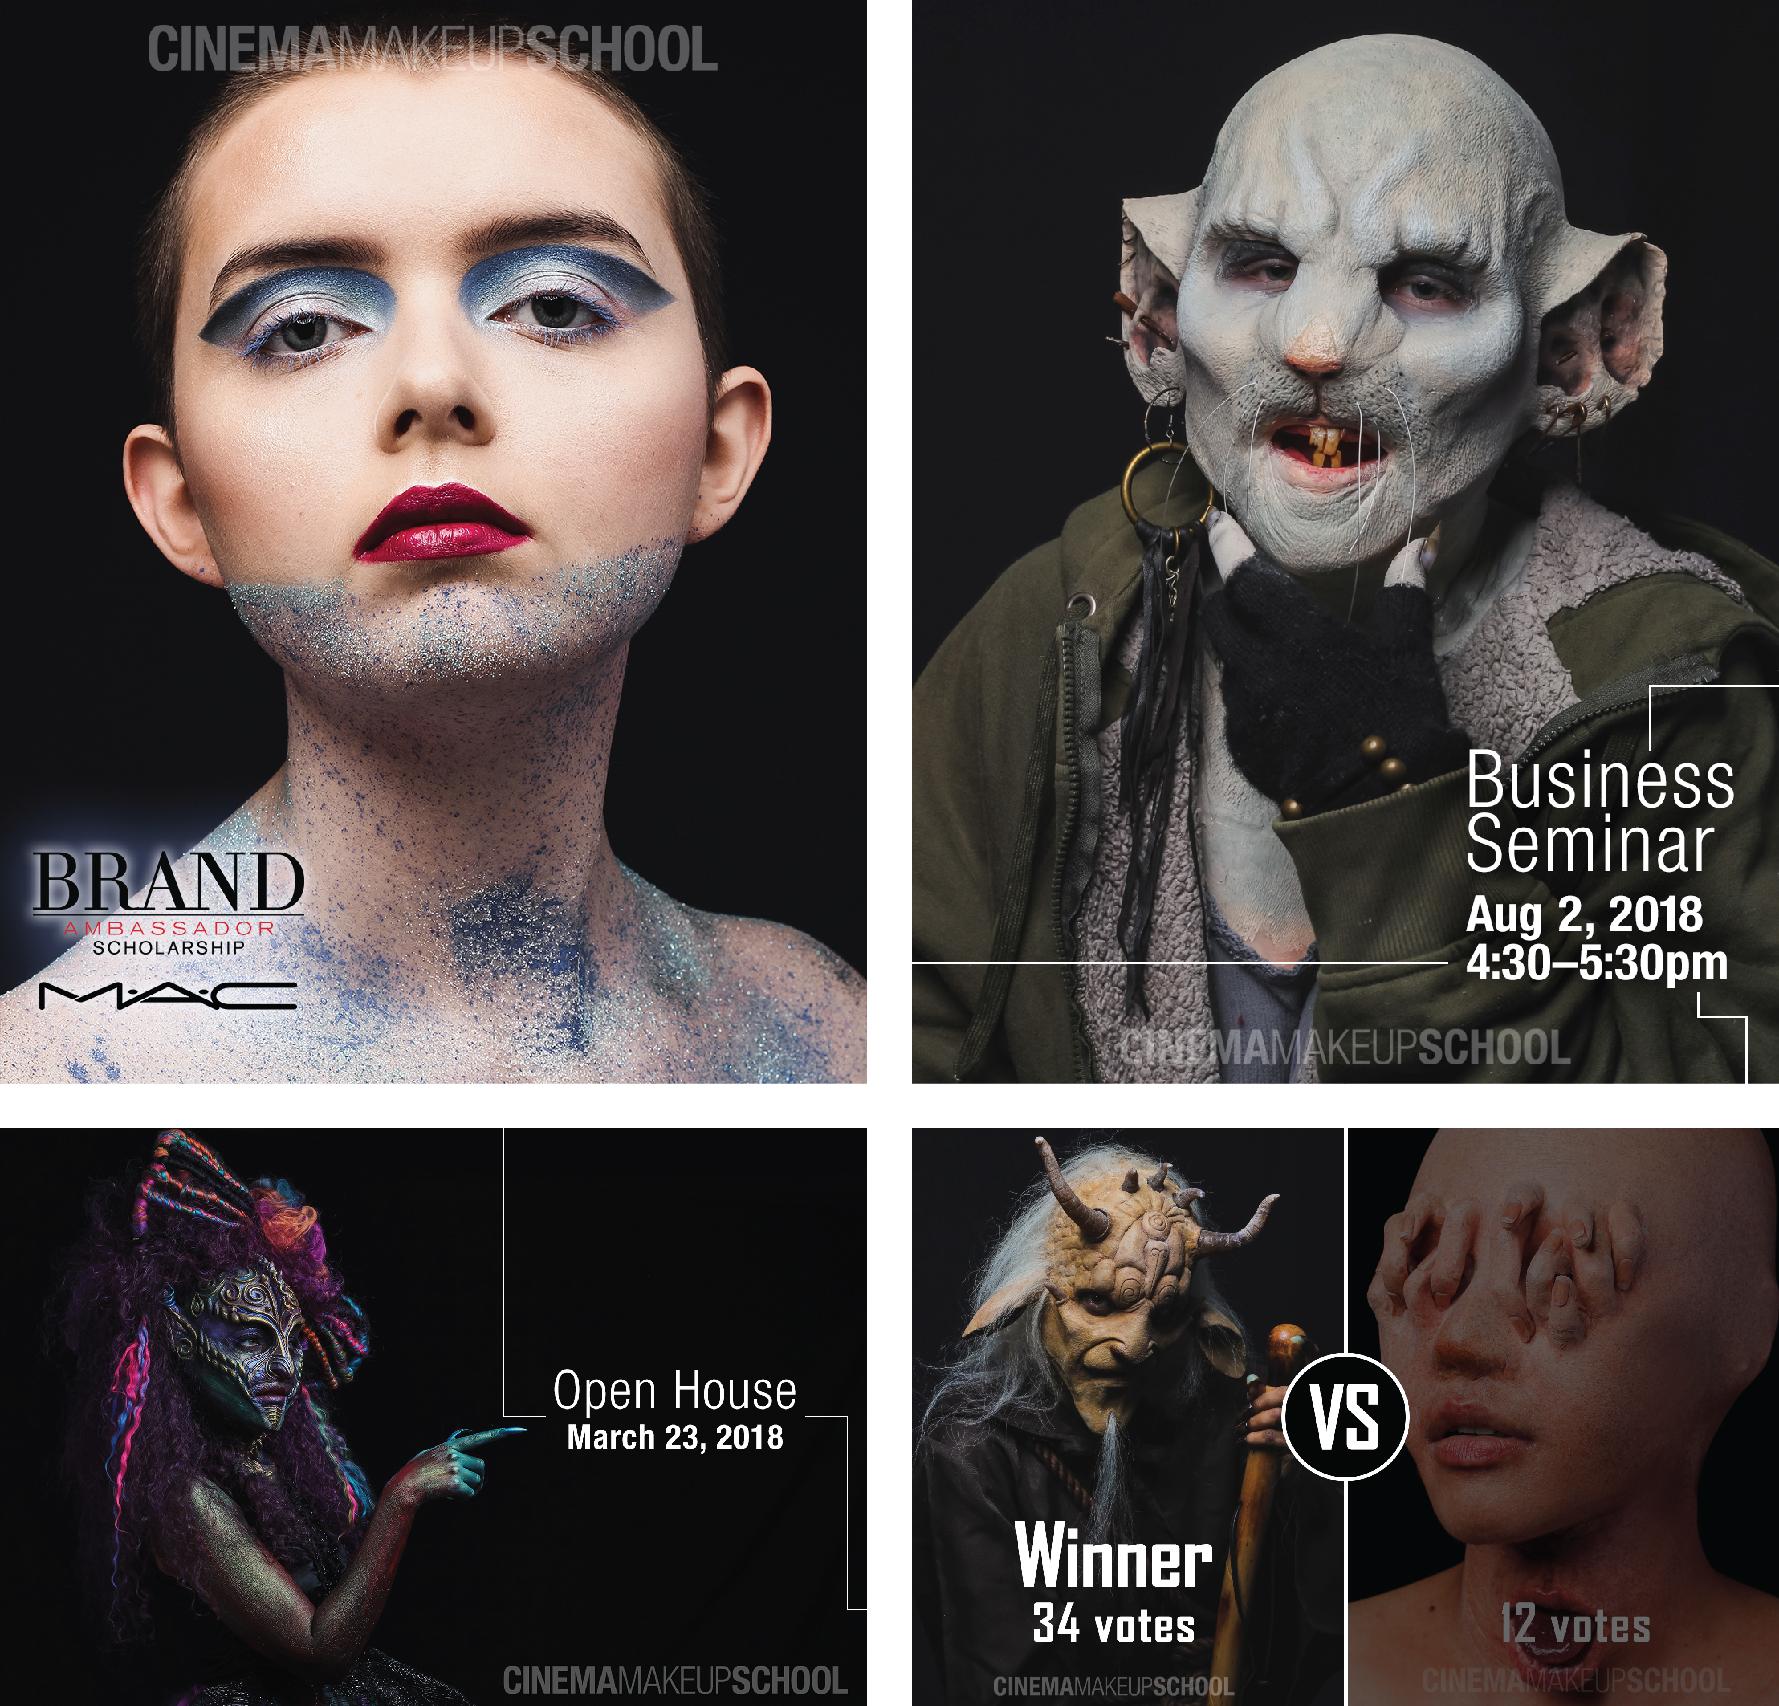 Cinema Makeup School Social Media Ad Posts